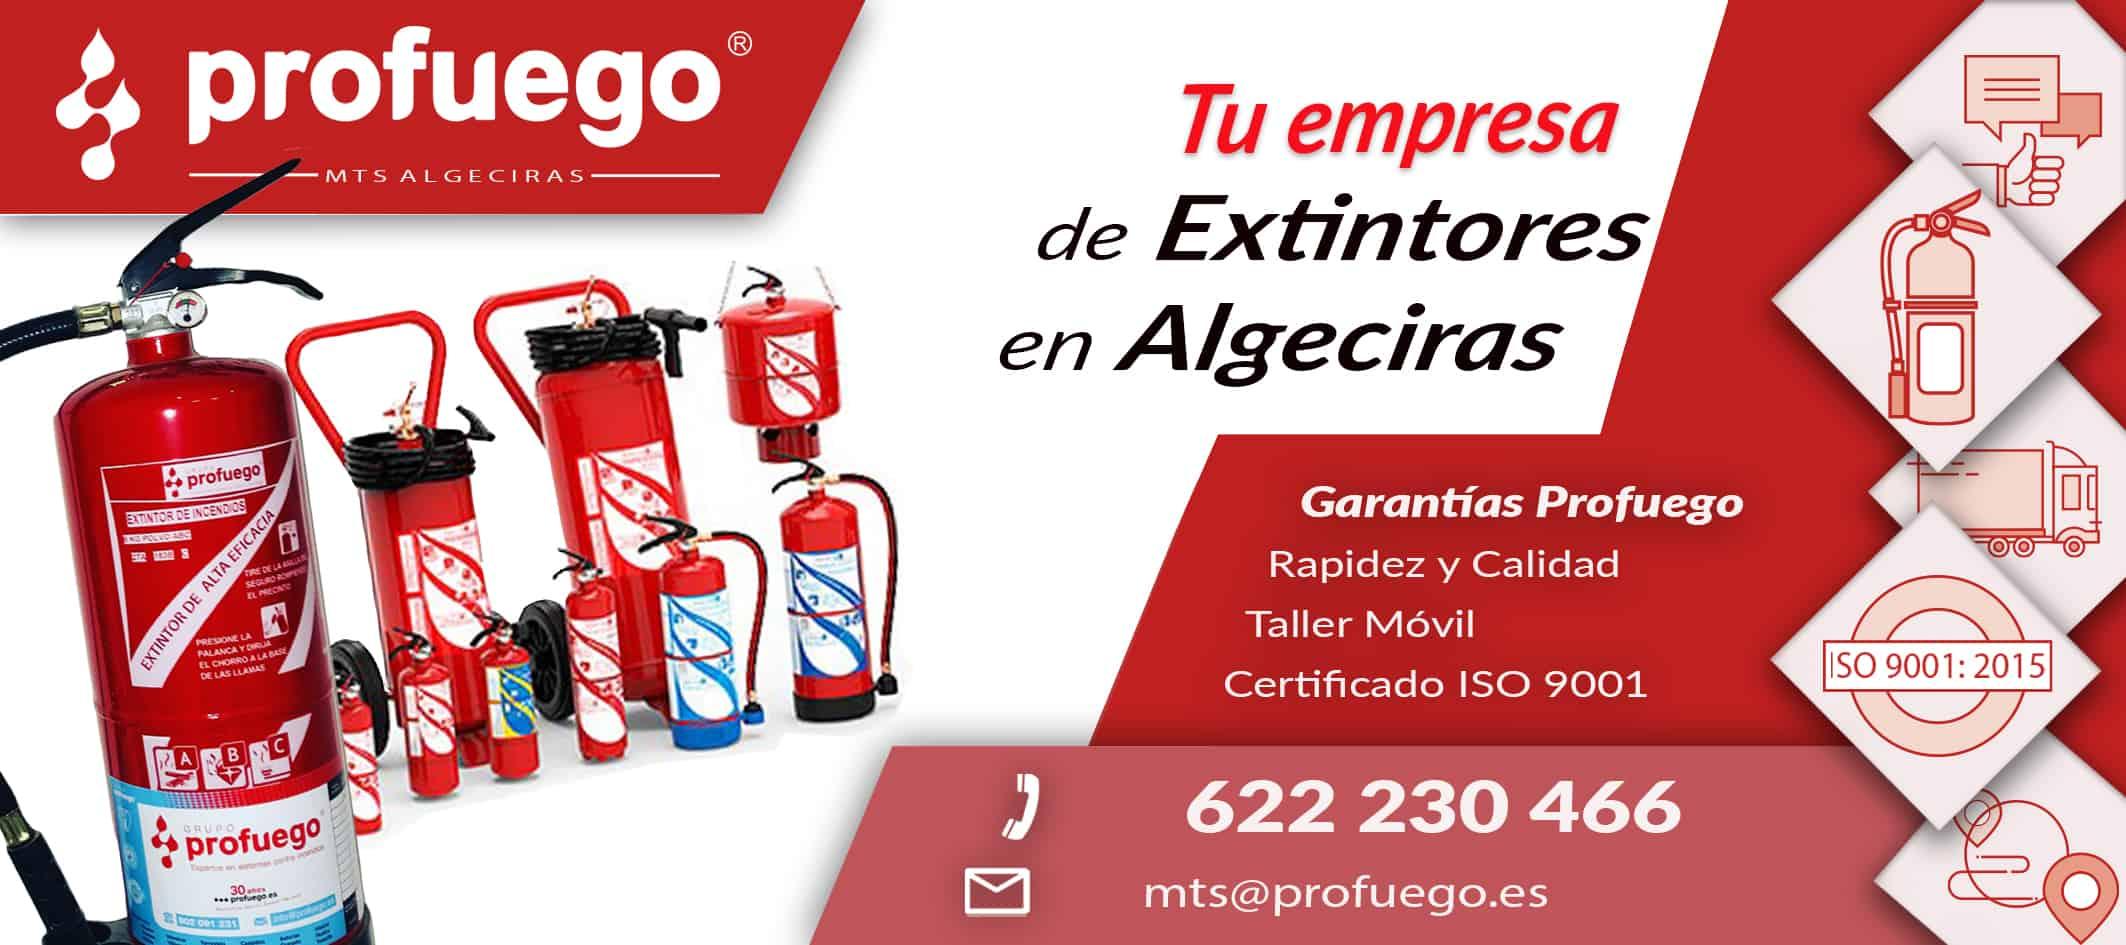 extintores mts algeciras